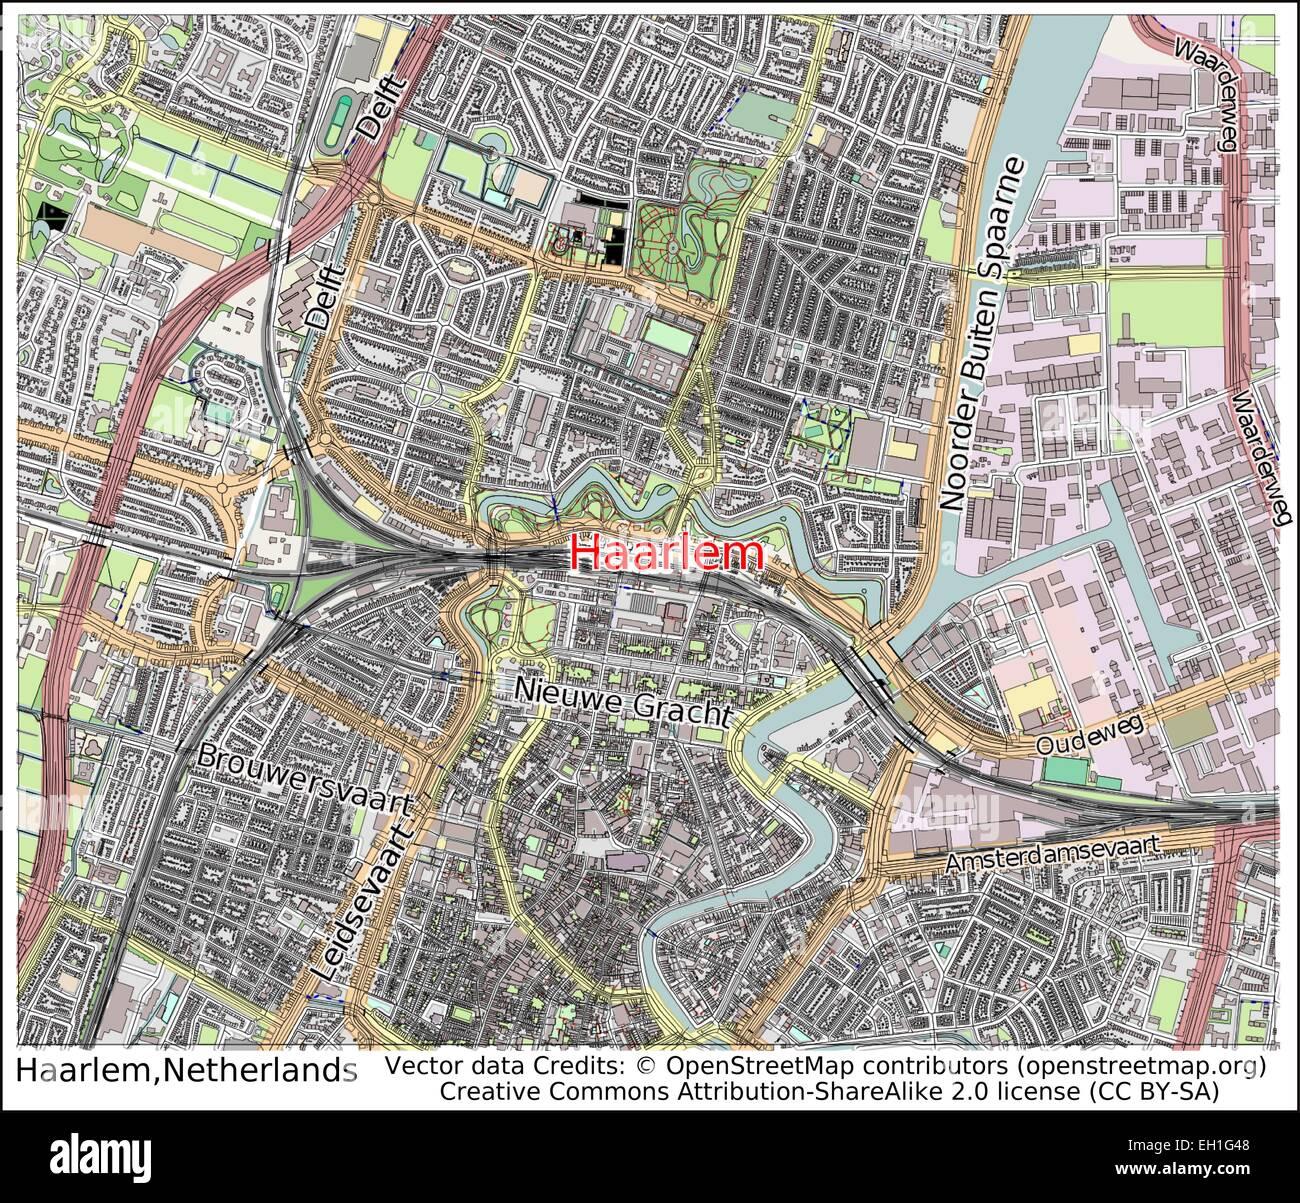 Haarlem Netherlands city map Stock Vector Art & Illustration, Vector ...